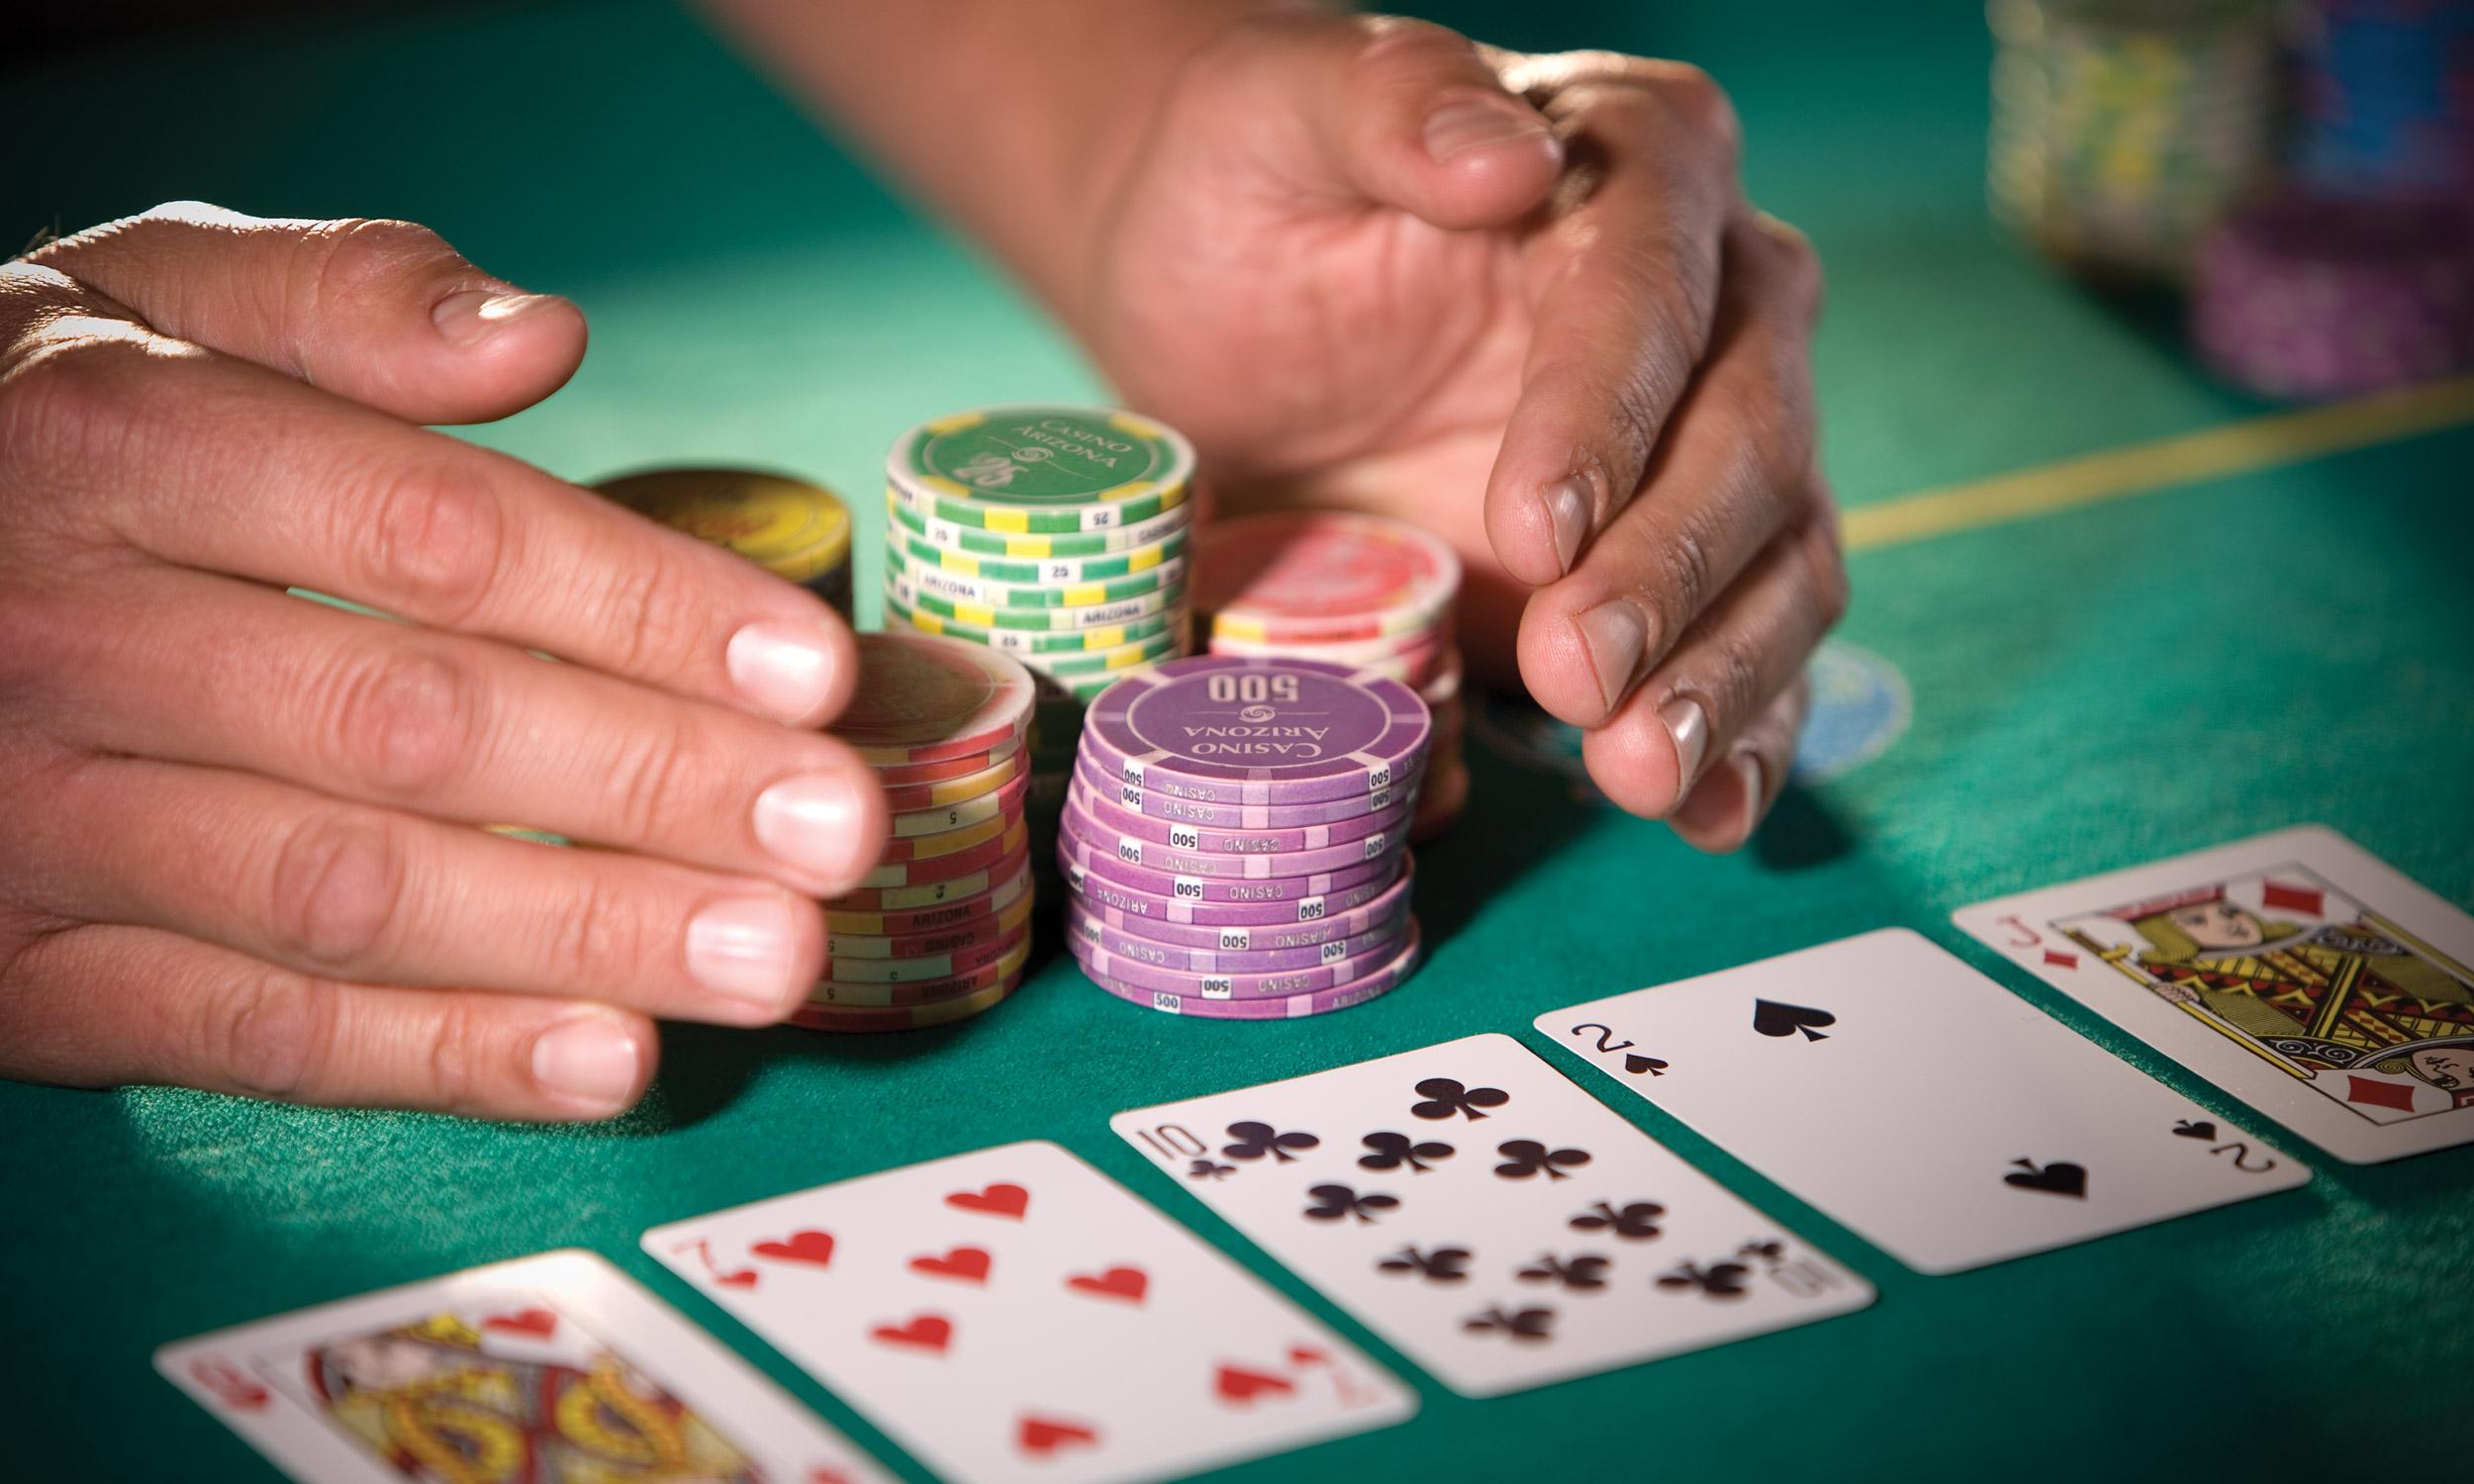 Permainan Poker Asli Plus Profit diputar secara online